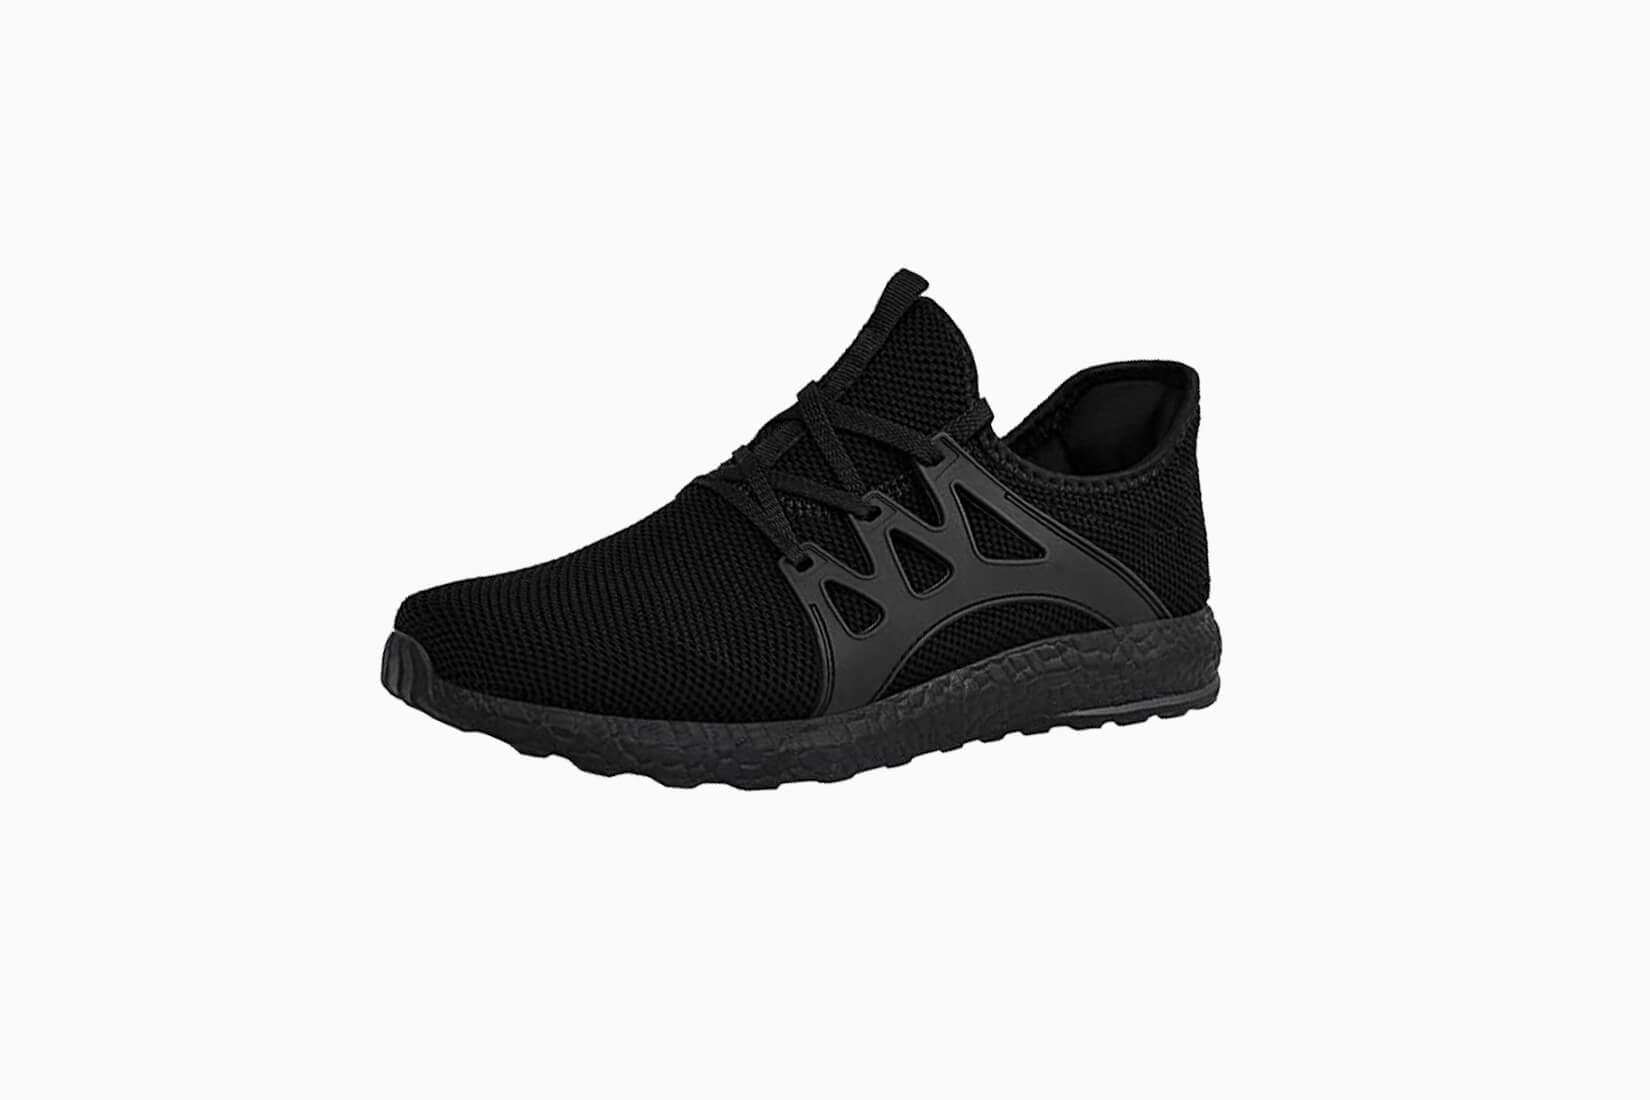 best workout shoes women troadlop review - Luxe Digital